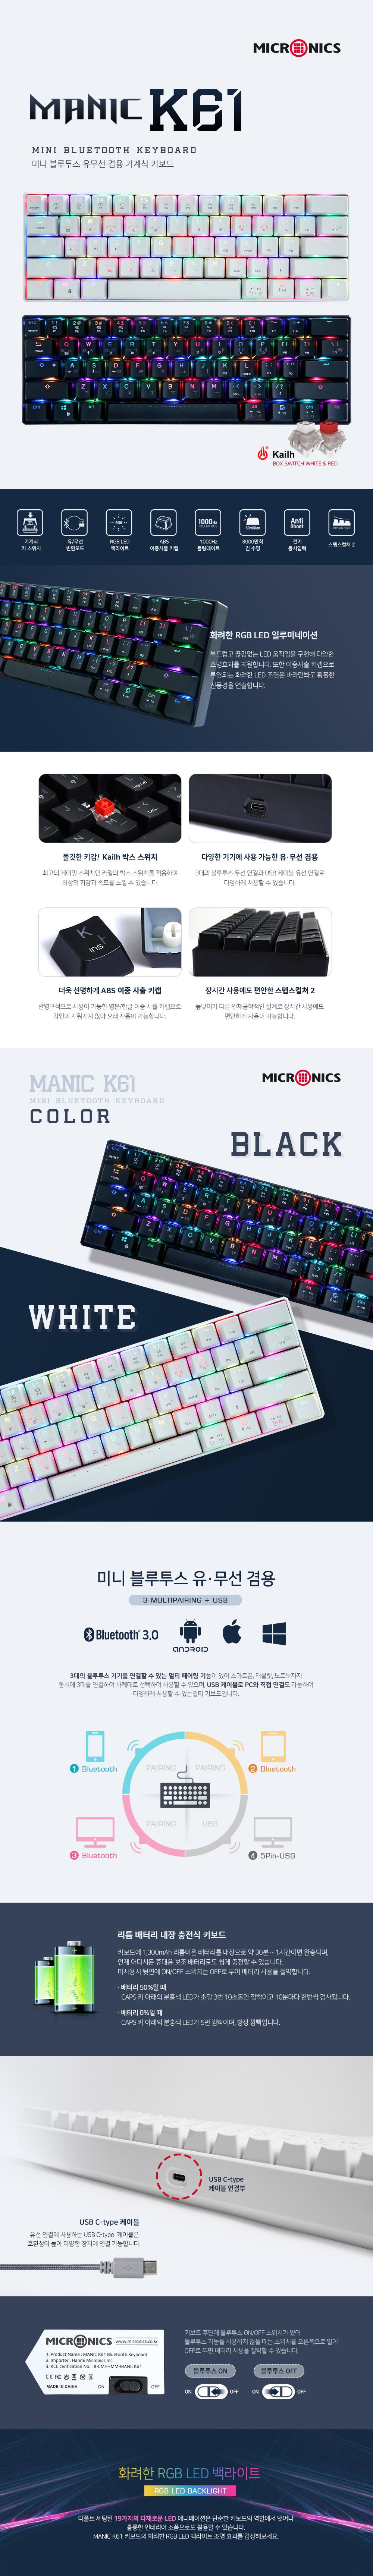 마이크로닉스  MANIC K61 RGB 미니 블루투스 카일박스축(화이트, 백축)